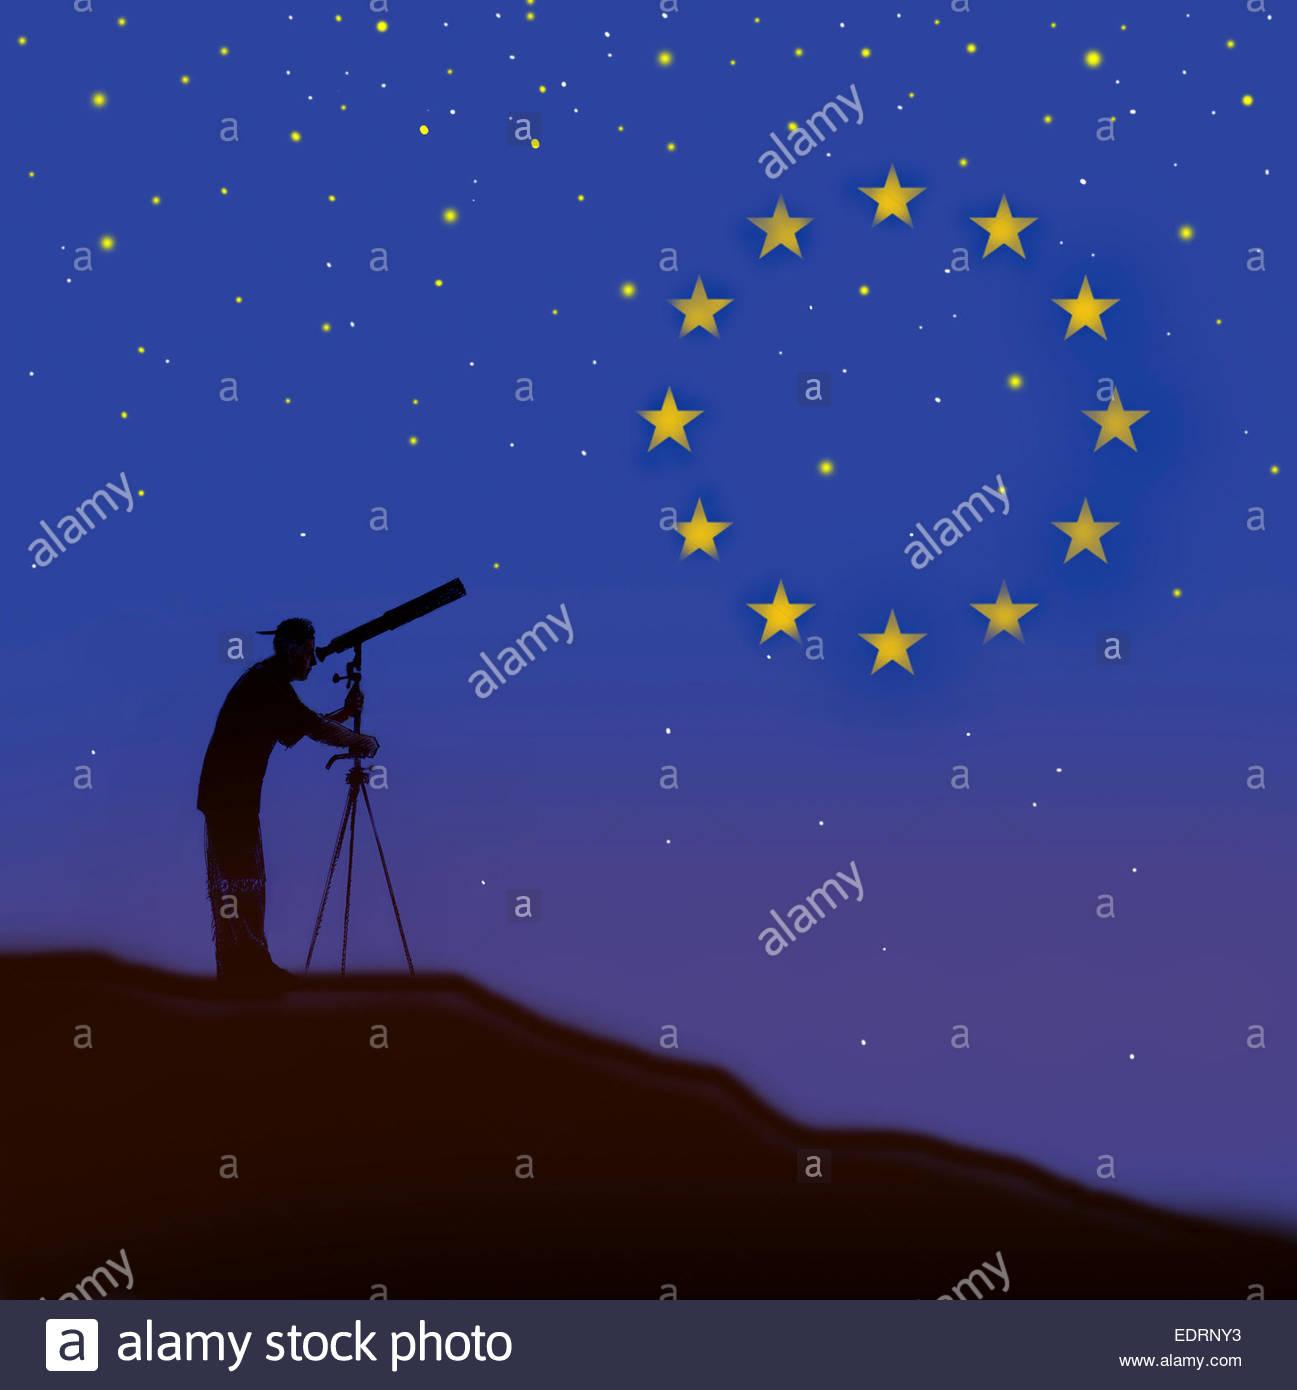 Mann auf der Suche durch Teleskop beobachten Europäische Union Flag-Konstellation Stockbild